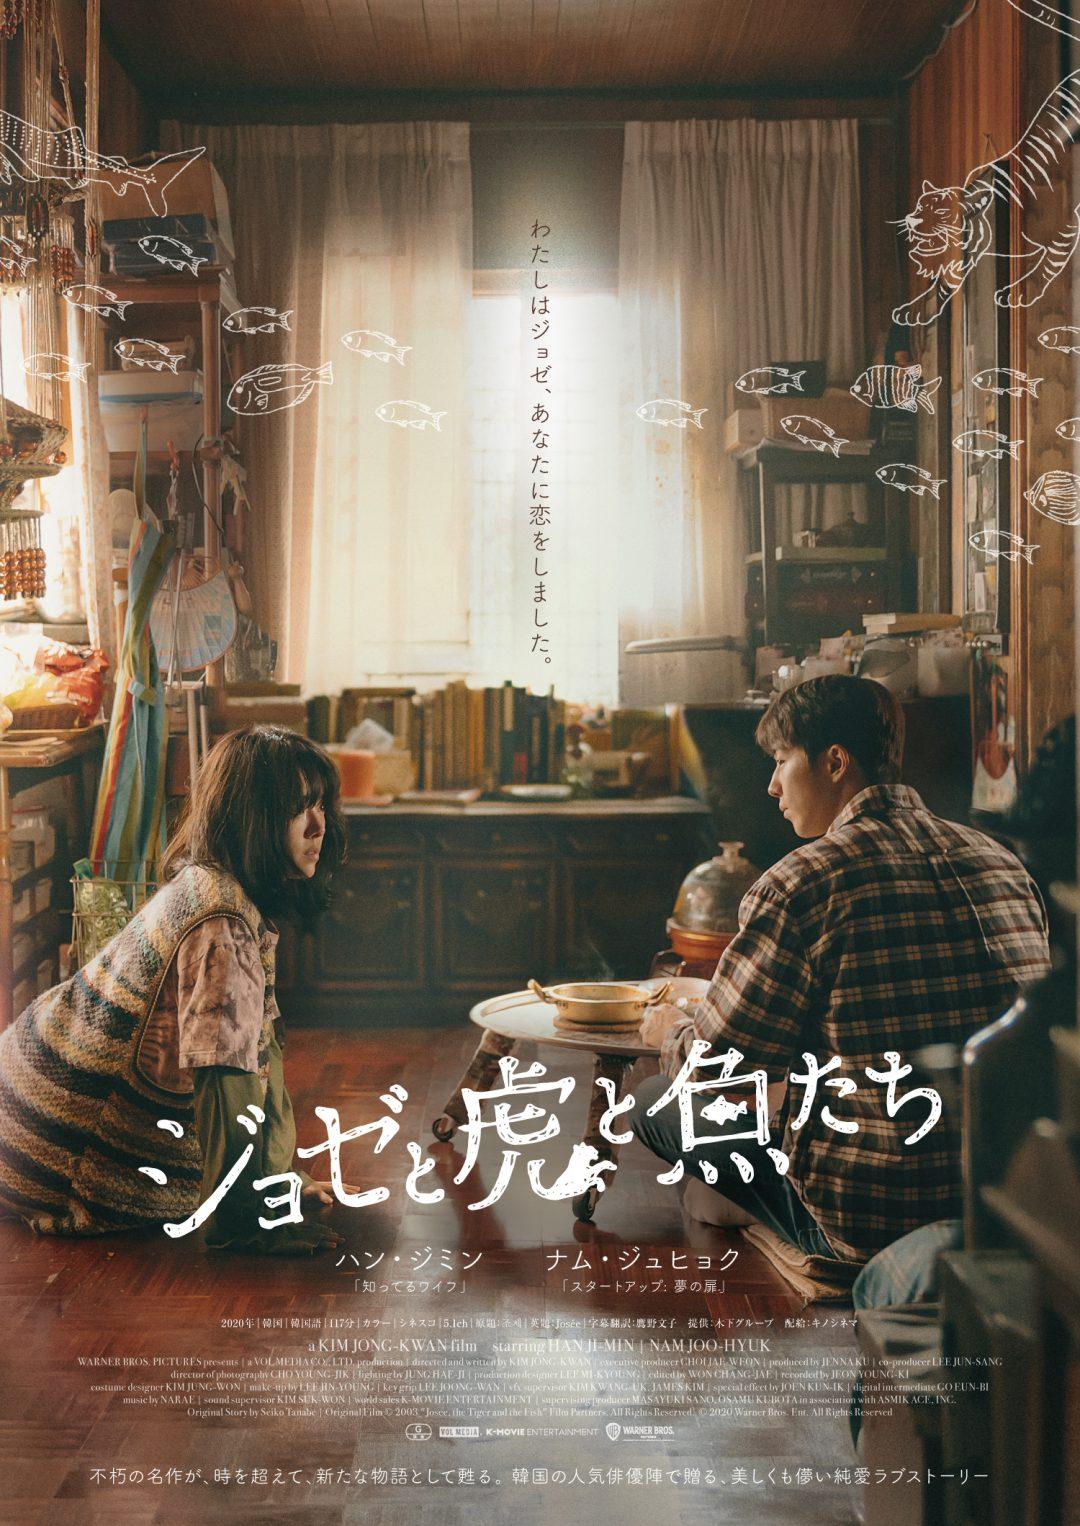 韓国の人気俳優陣で蘇る 不朽の名作 映画『ジョゼと虎と魚たち』予告映像と場面写真が公開